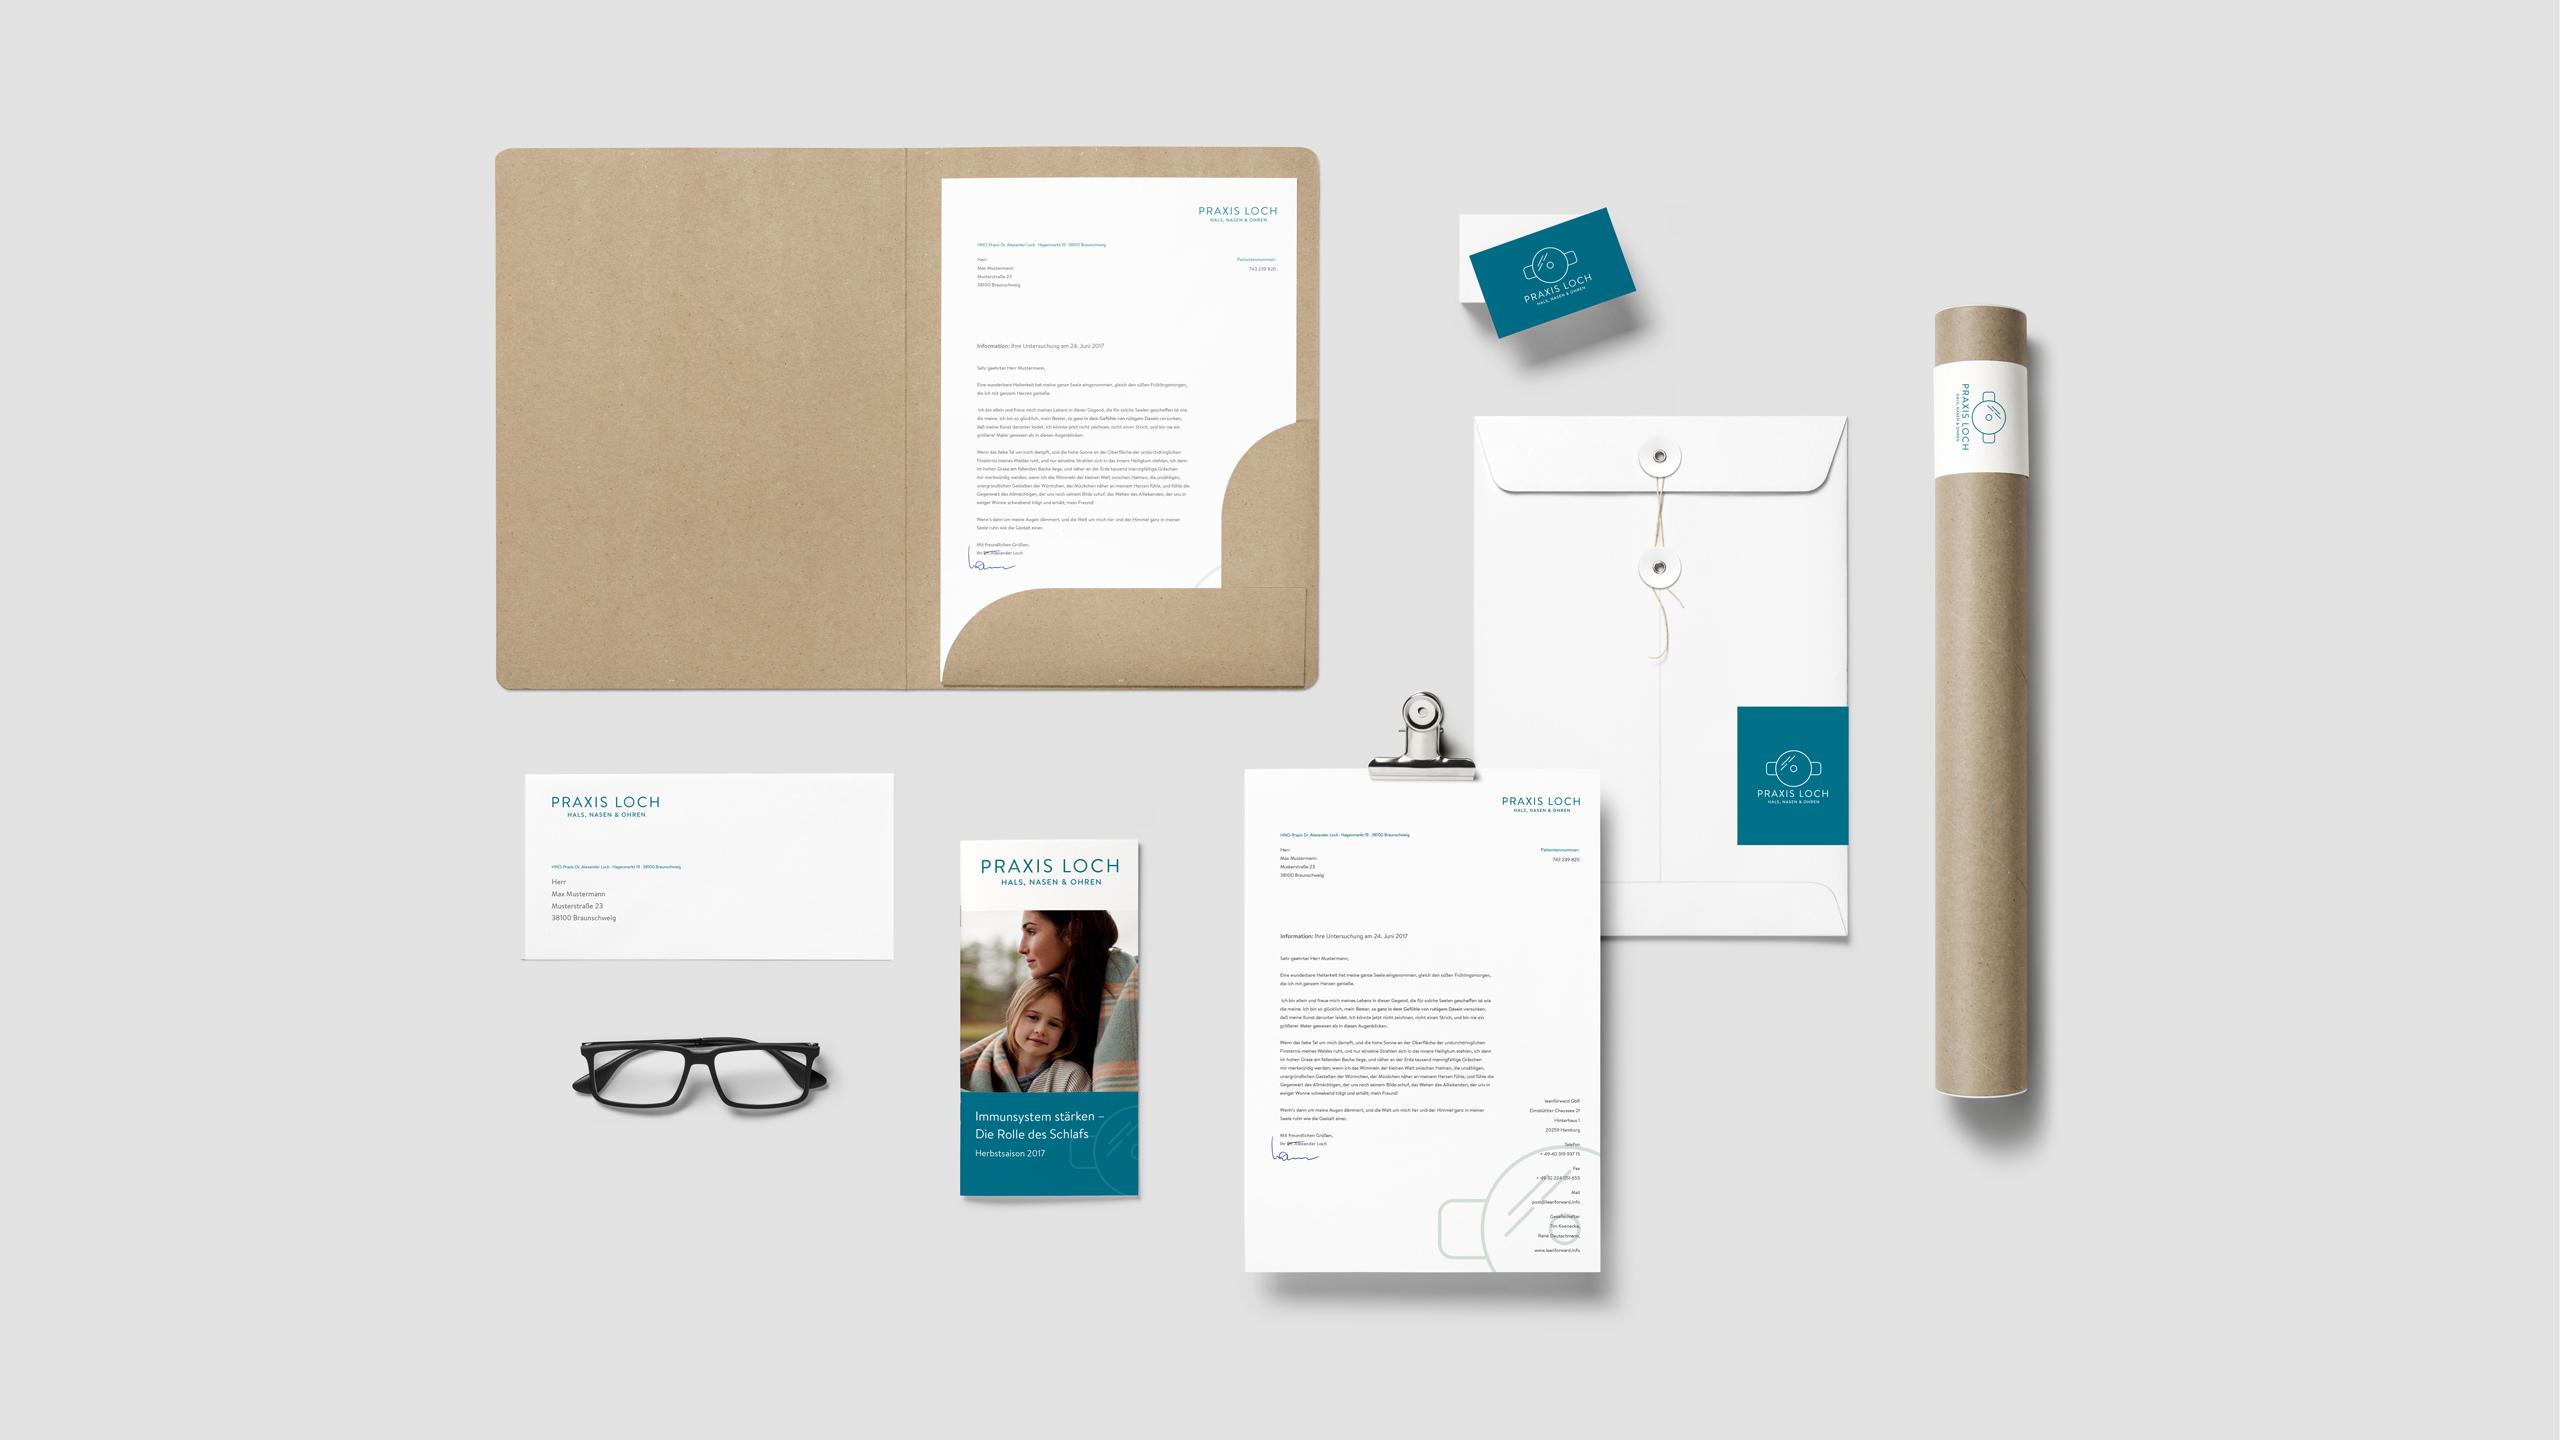 hno-praxis-loch-braunschweig-corporate-design-hamburg